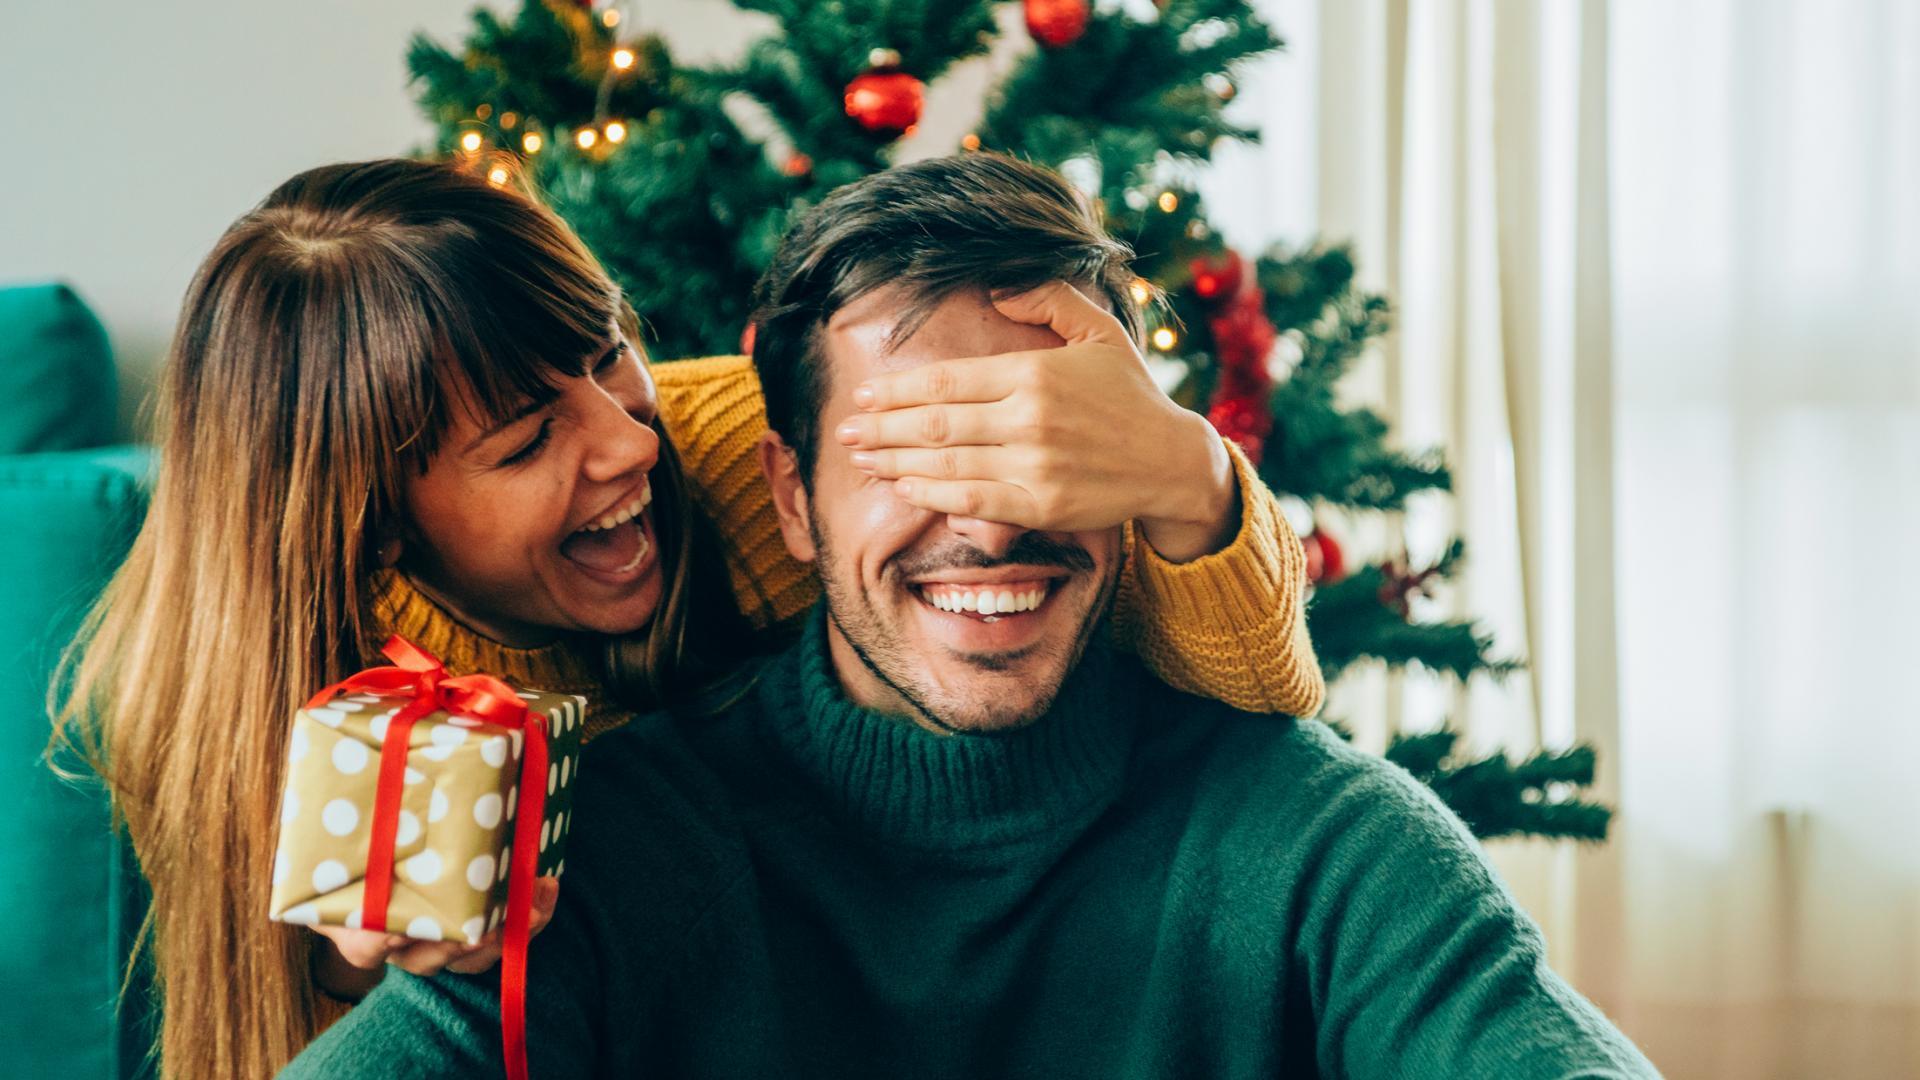 DIY Adventskalender Mann Frau Geschenk Weihnachten